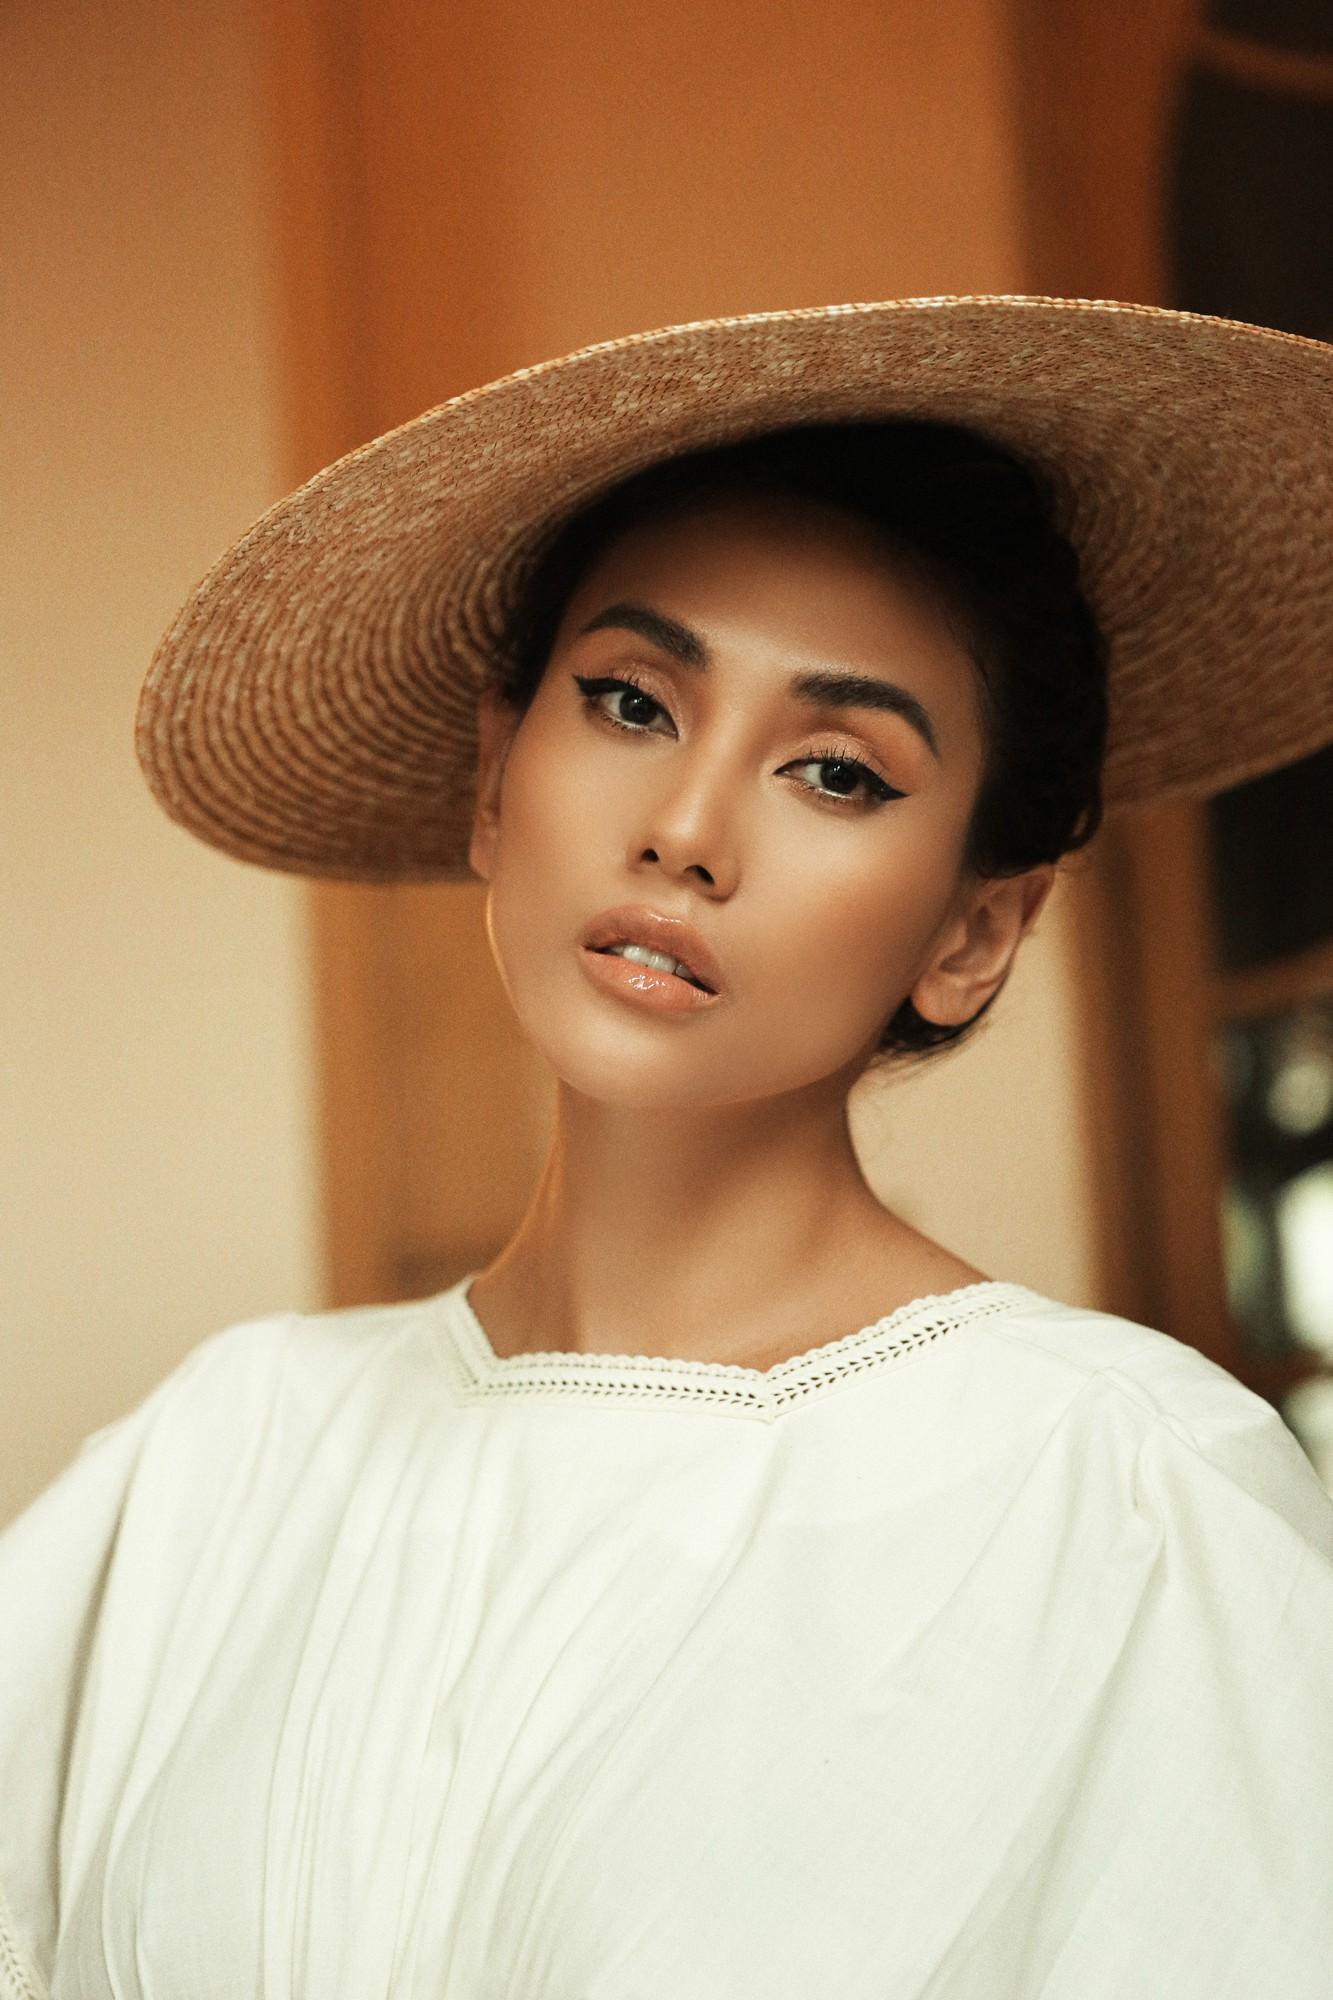 Sau Minh Tú, Võ Hoàng Yến xác nhận làm giám khảo Hoa hậu Siêu quốc gia Việt Nam 2018